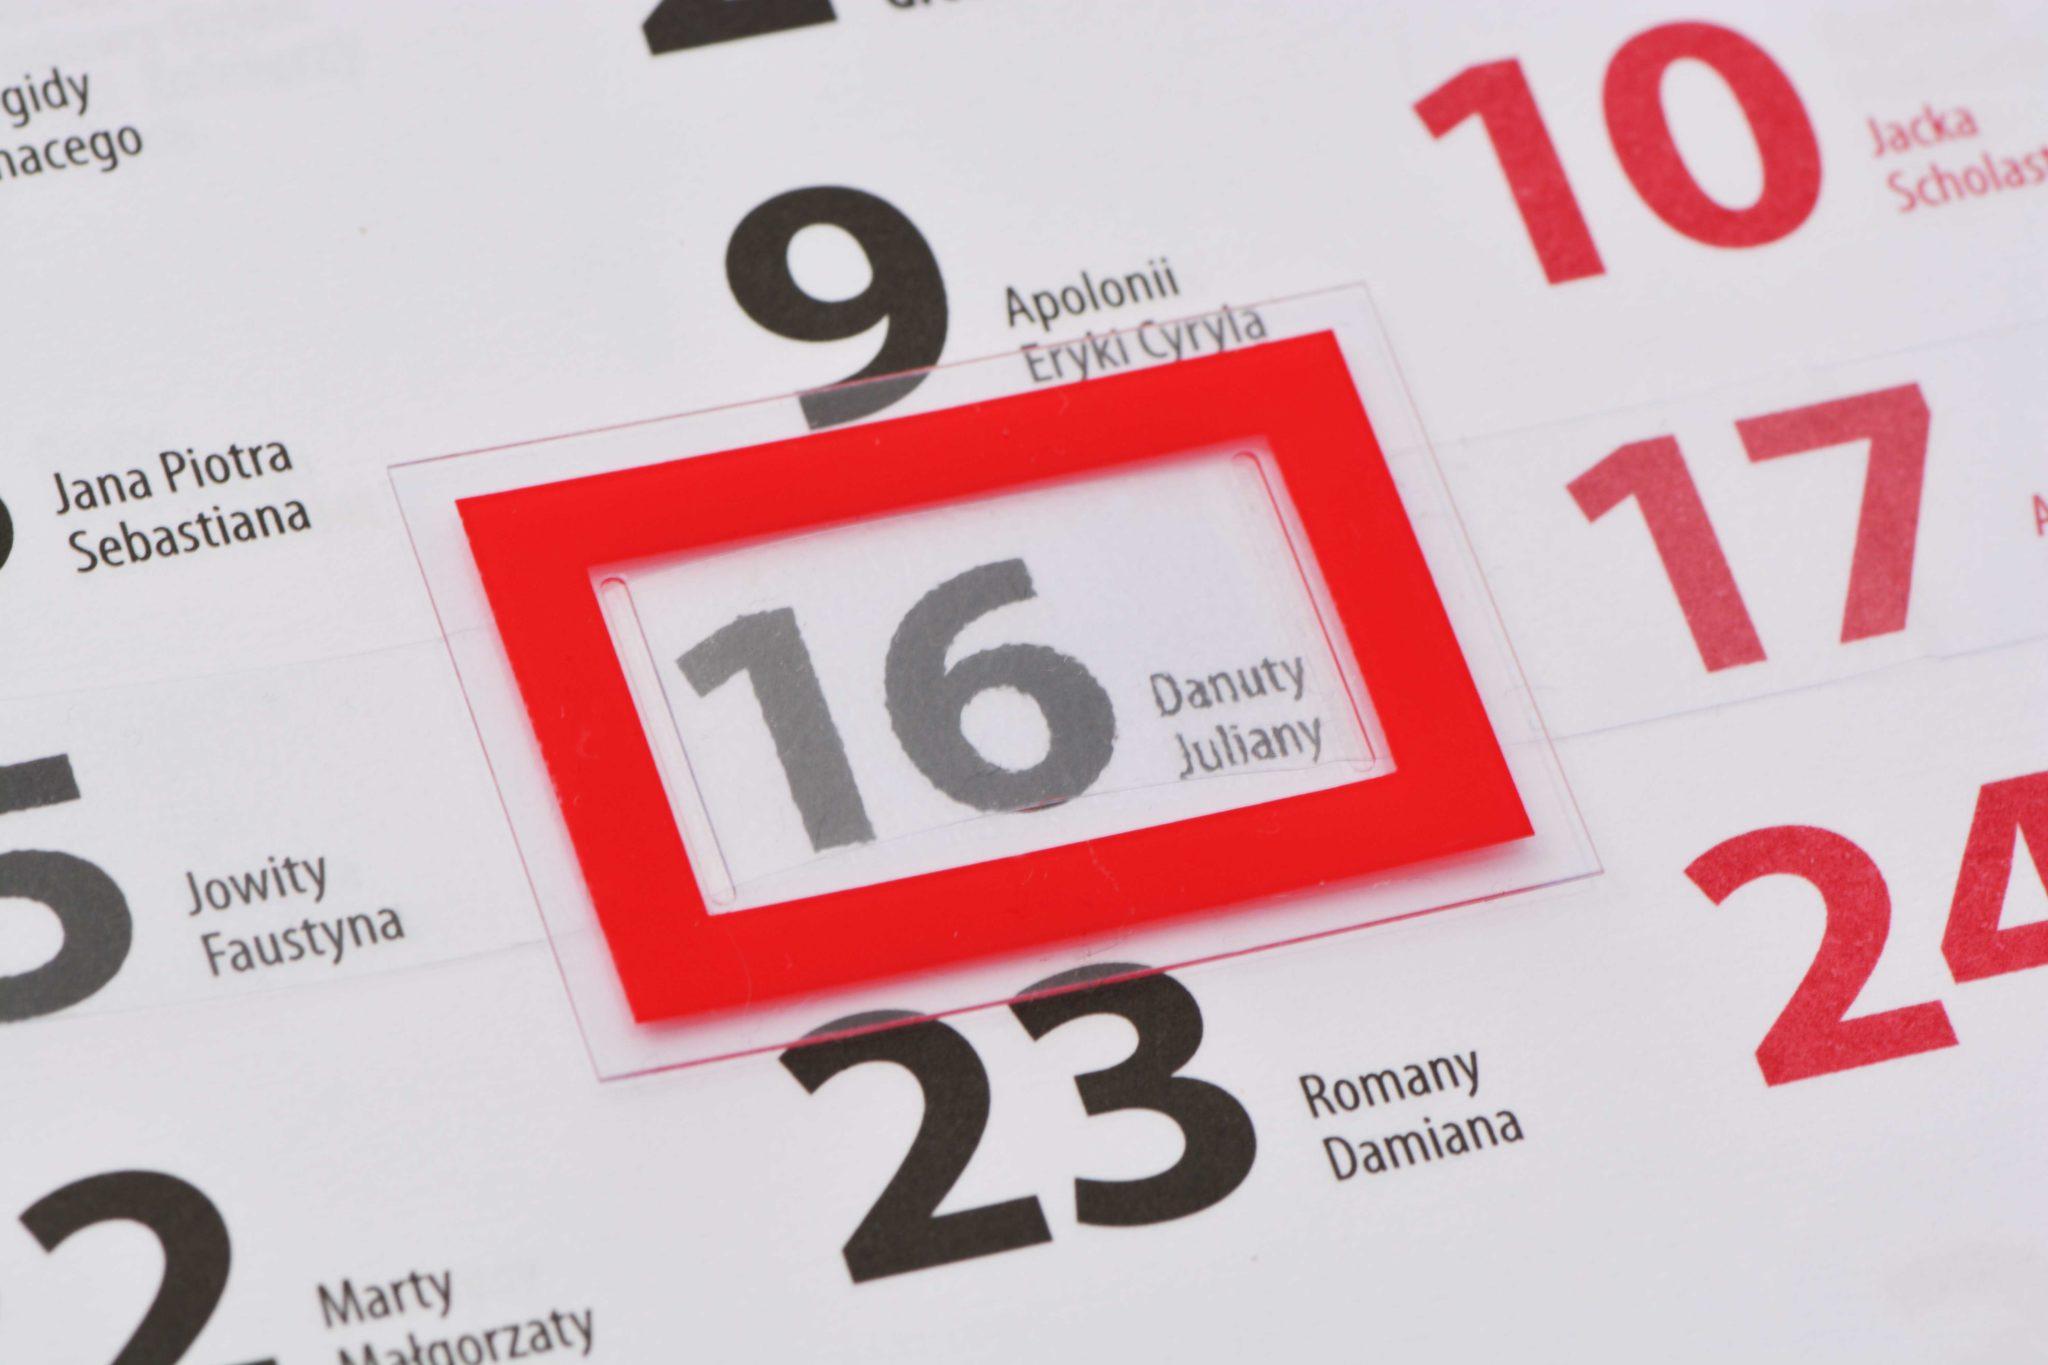 okienka do kalendarzy - nadrukowane